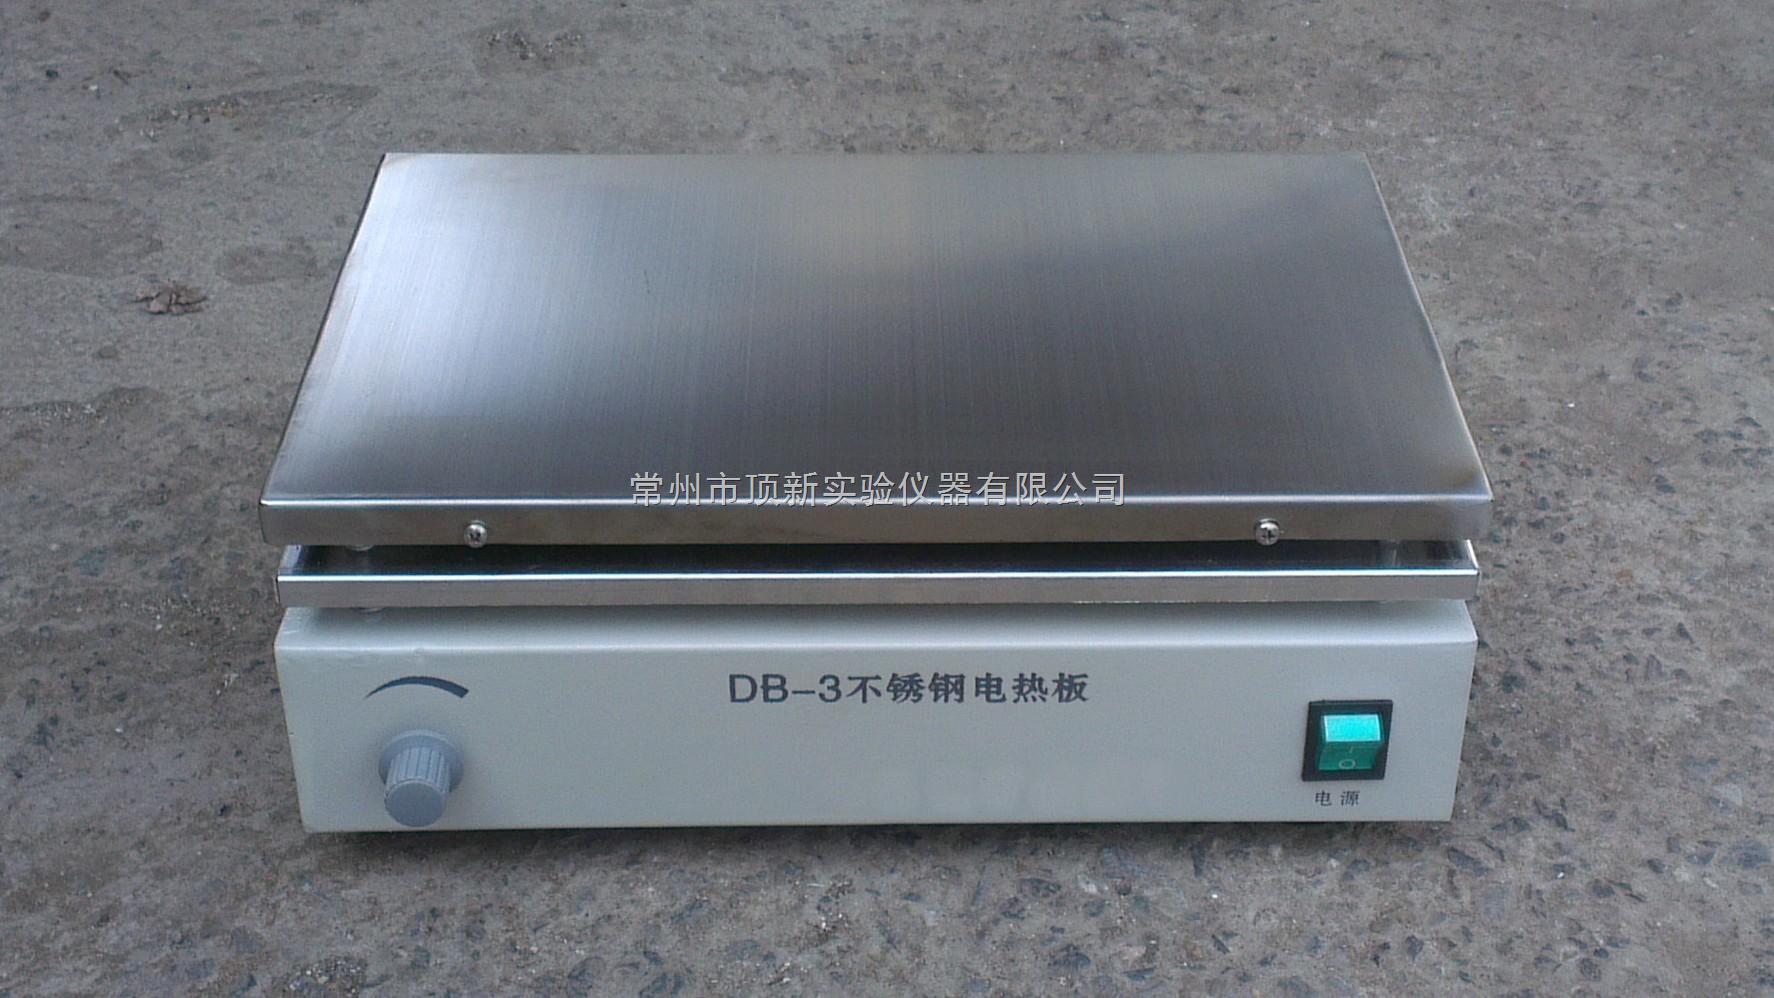 db-3-不锈钢电热板